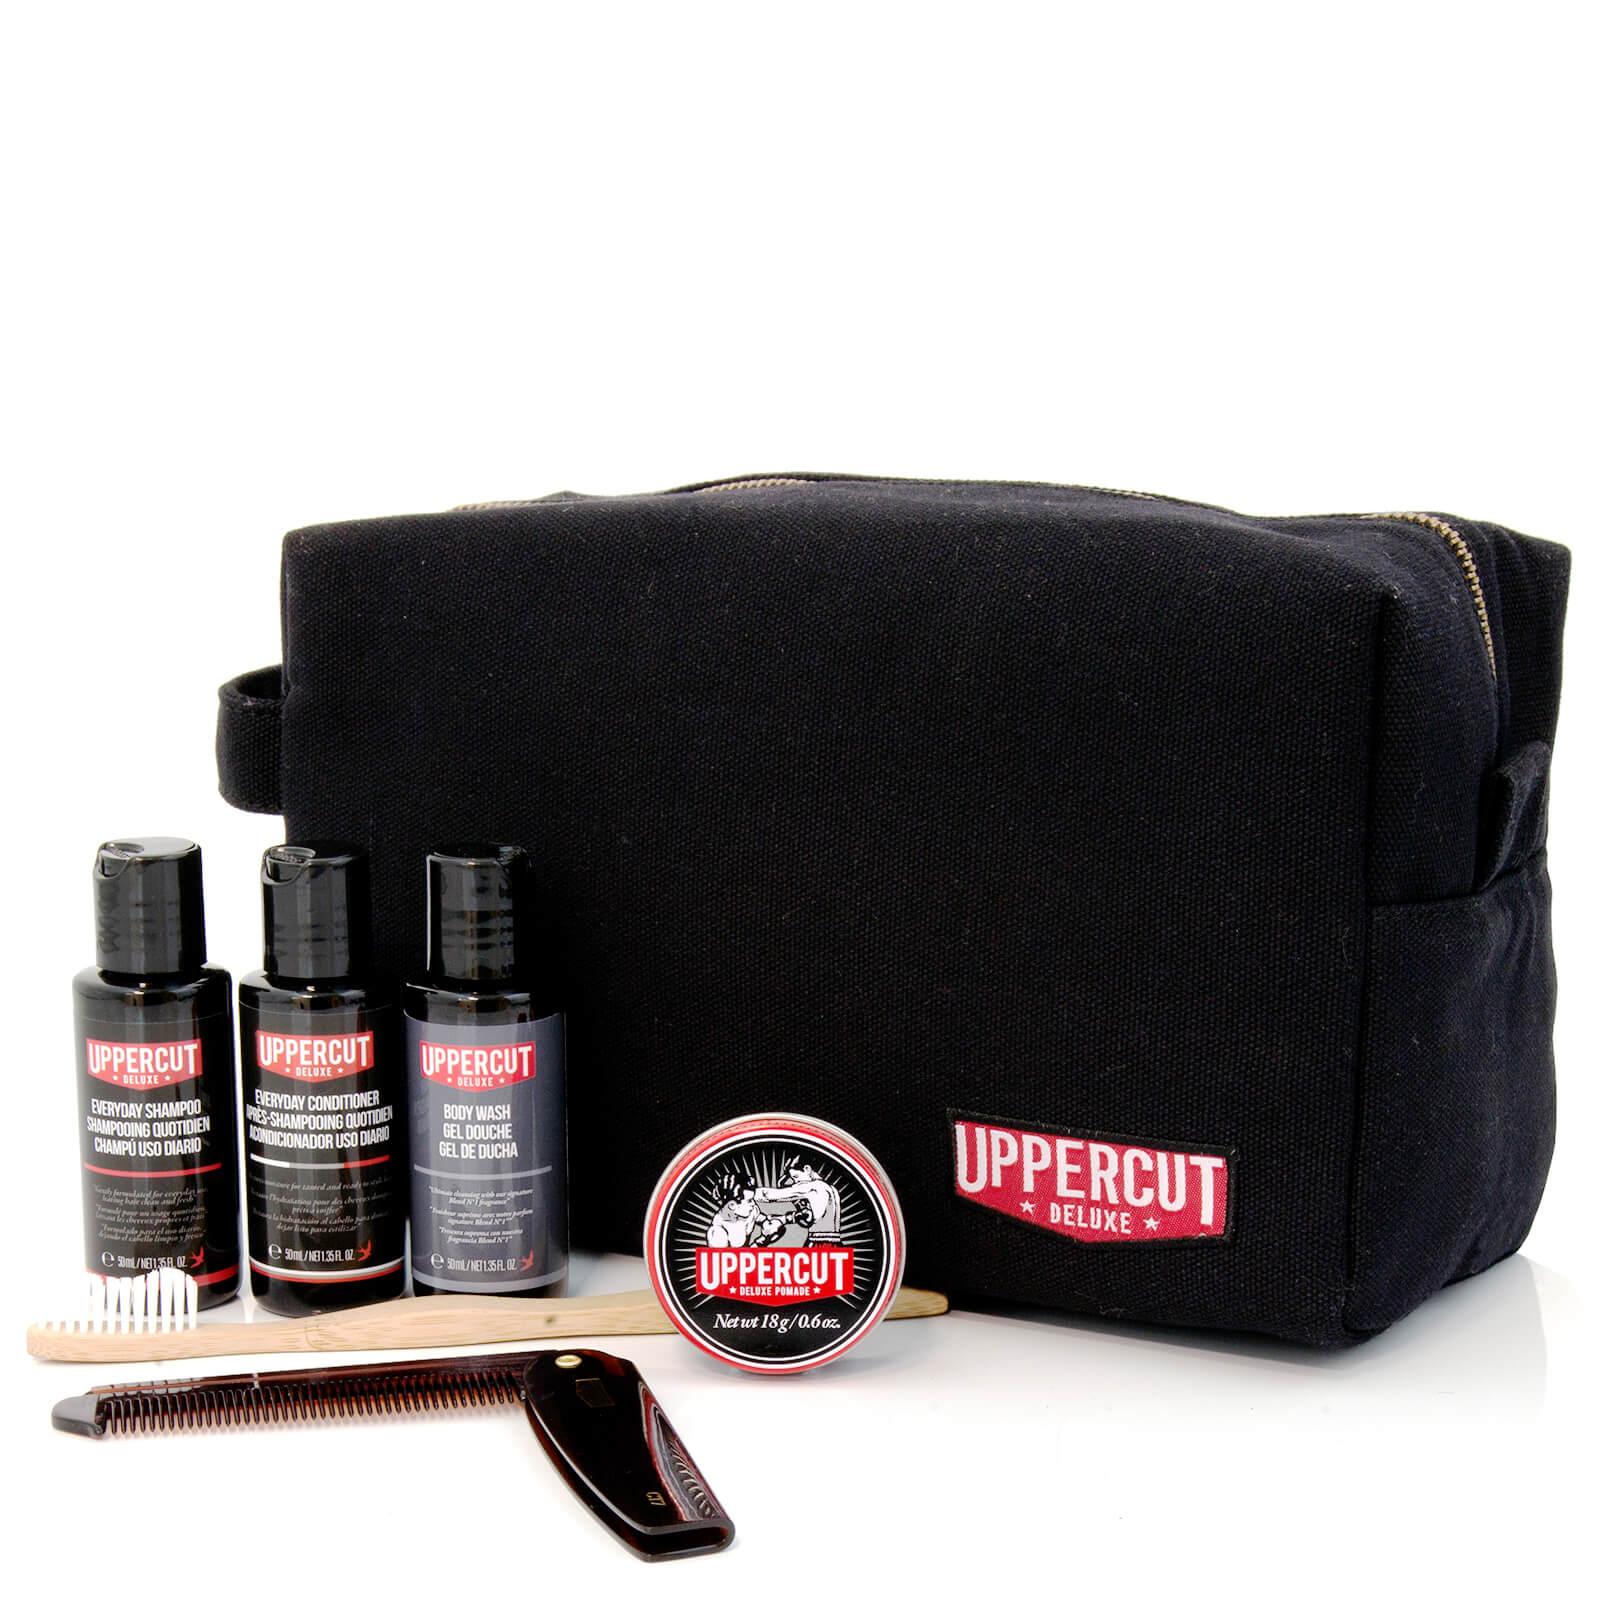 16b65b96c87a3 Uppercut Deluxe Wash Bag - Filled Black (Worth £48.00). Description